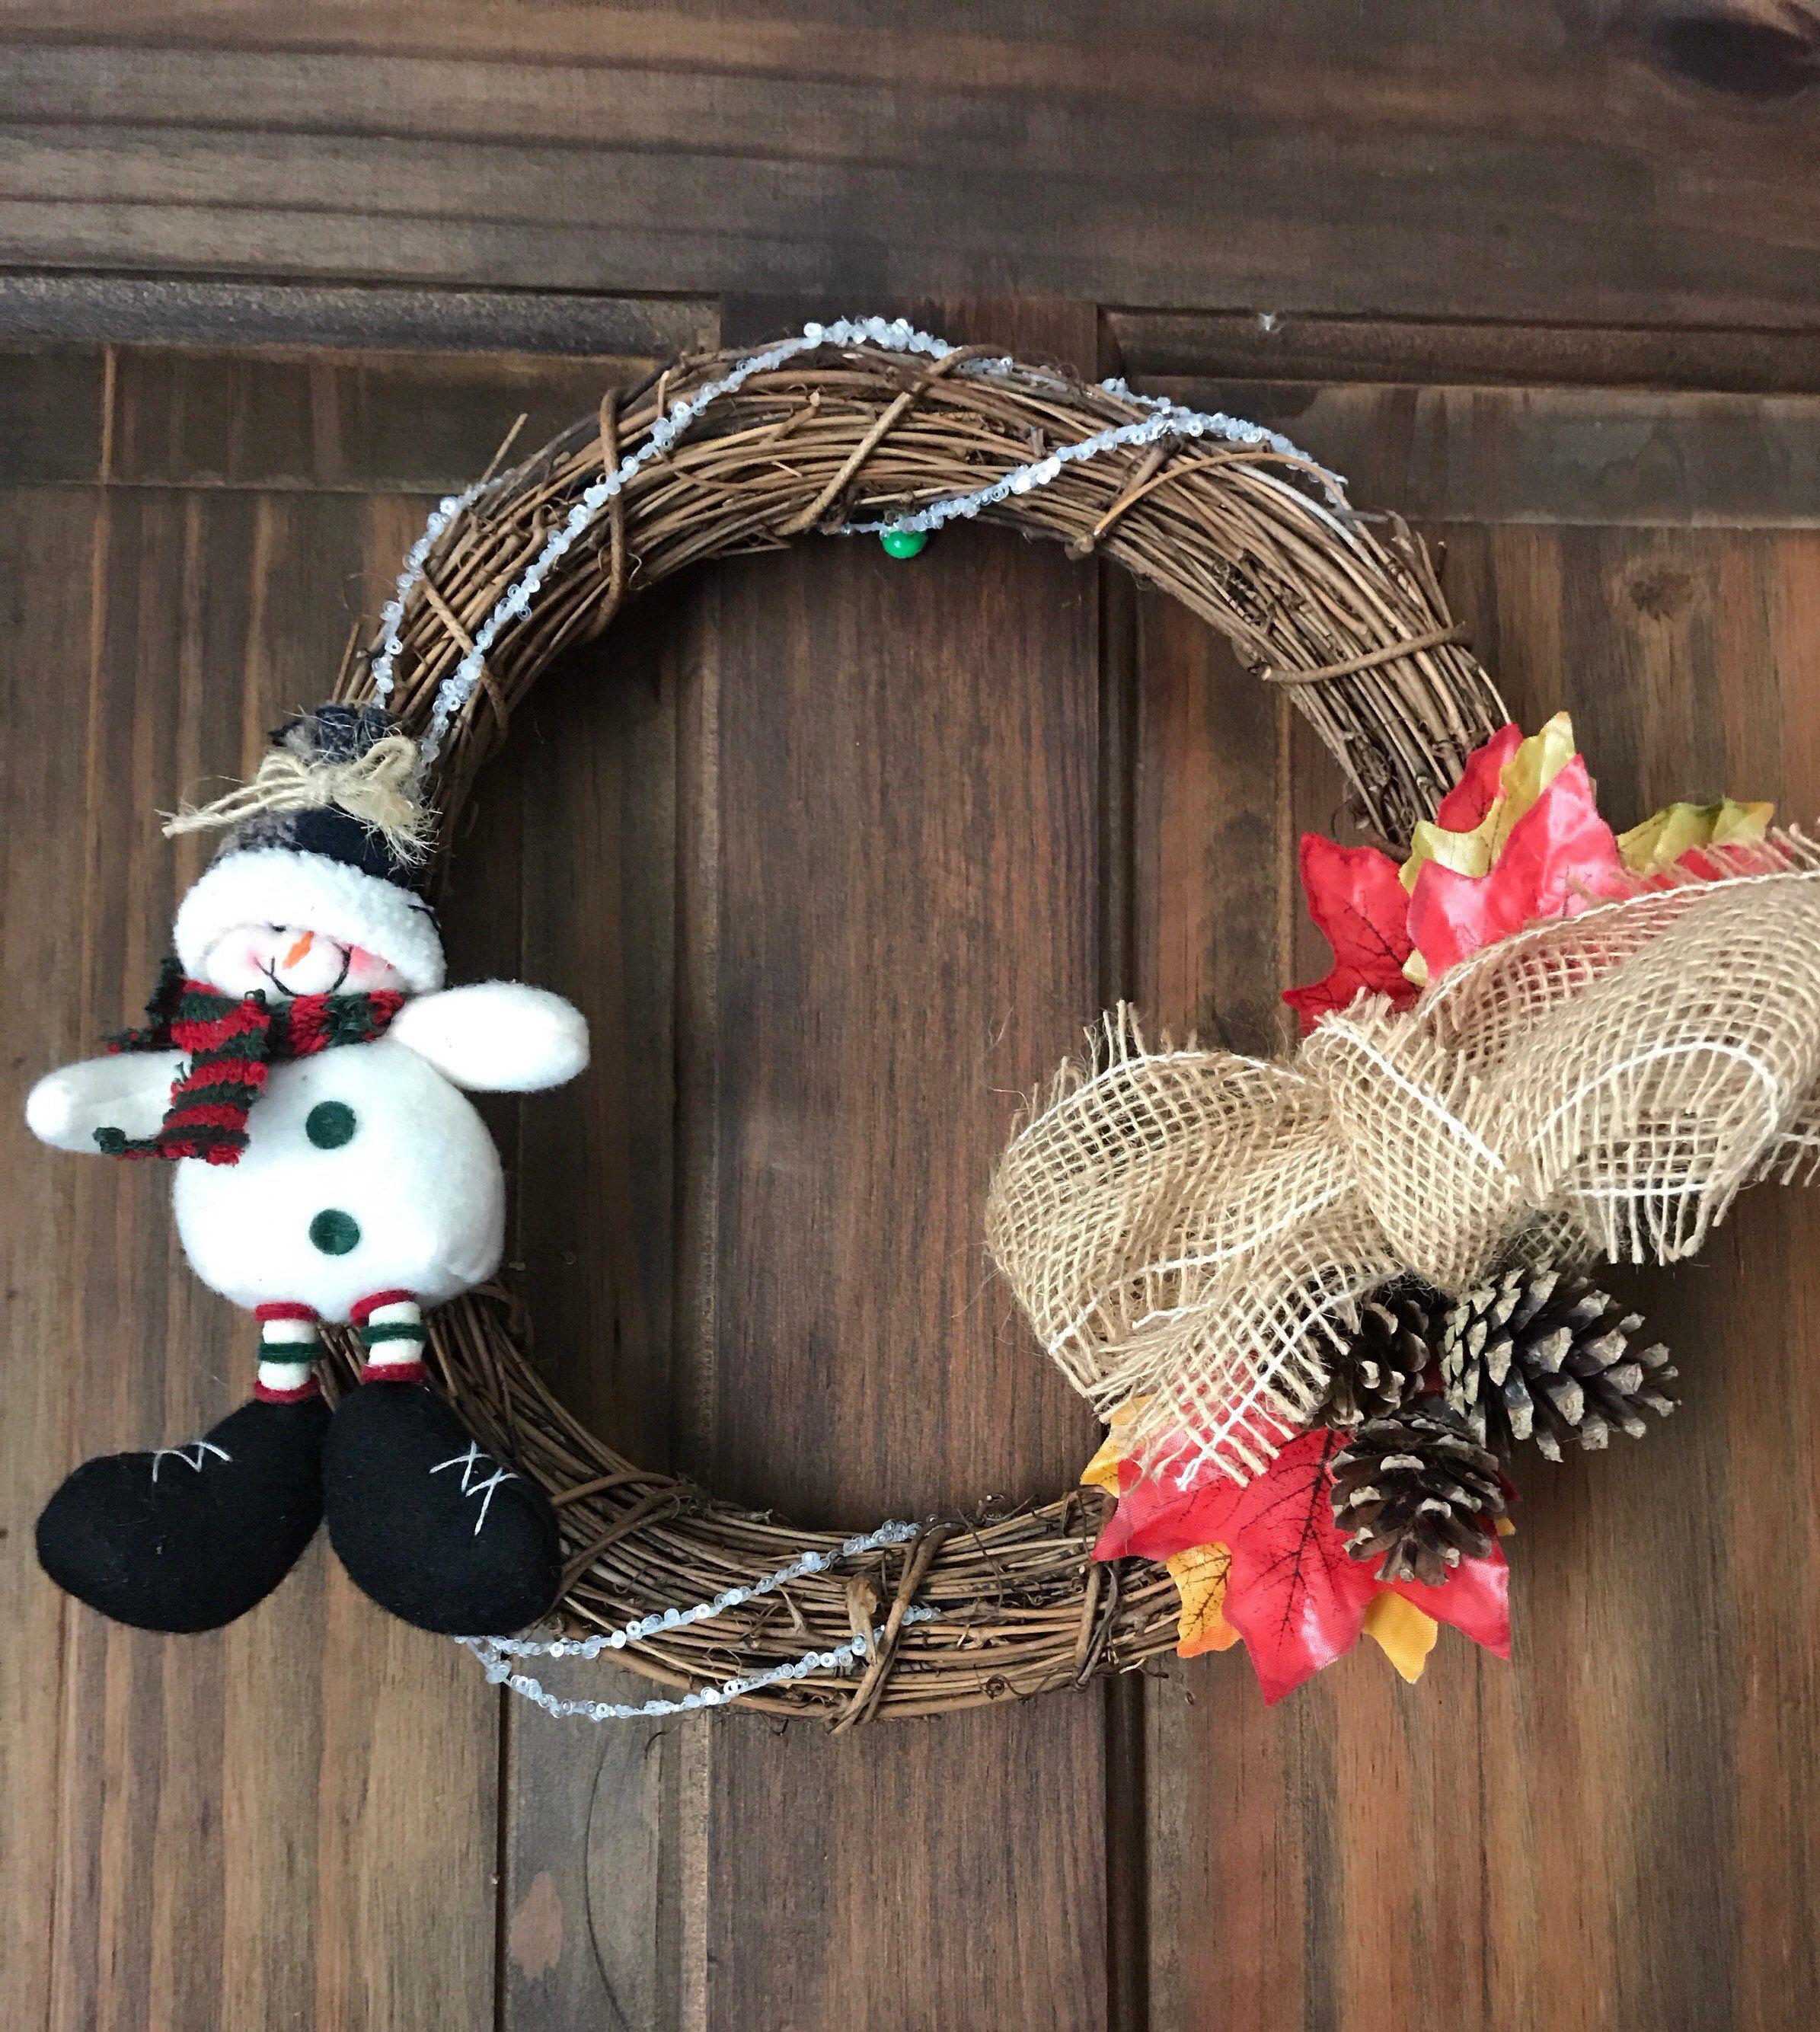 Cute Snowman Winter Christmas wreath, Door Hanger, Pine